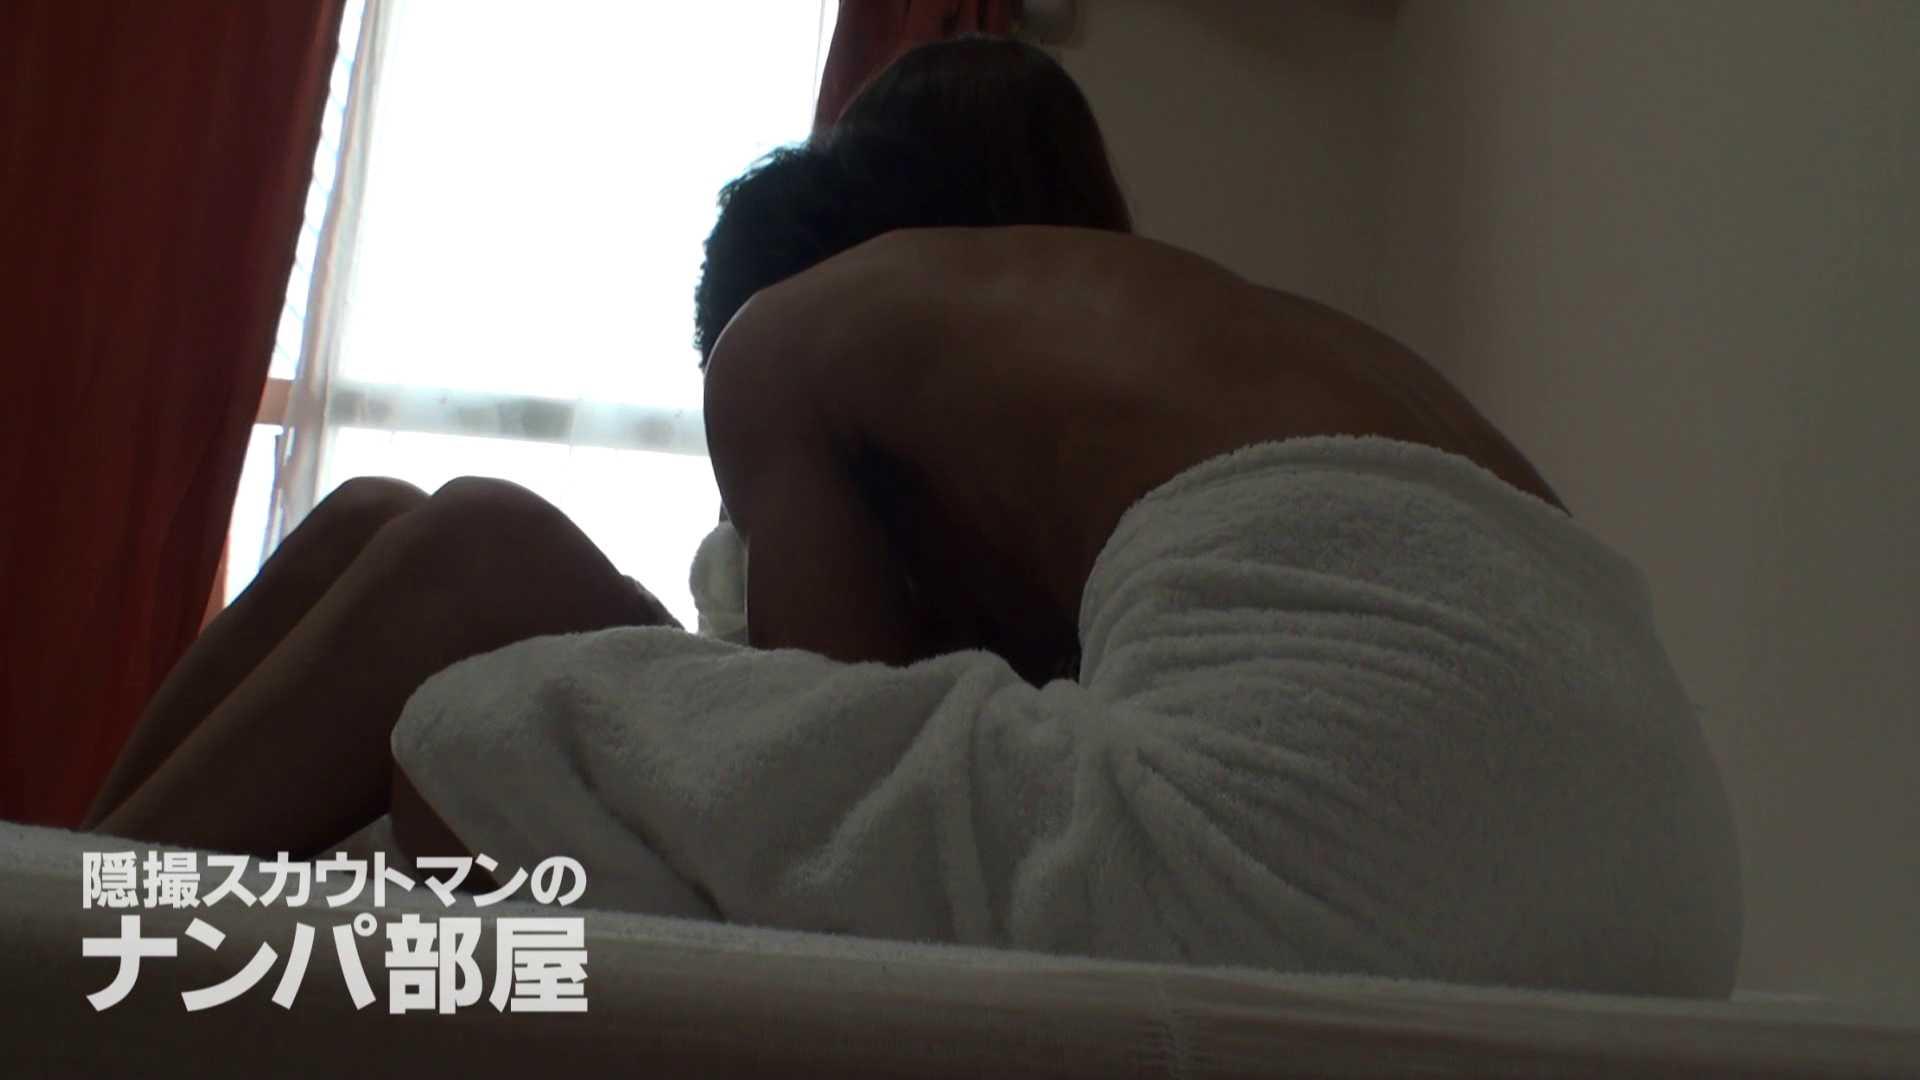 隠撮スカウトマンのナンパ部屋~風俗デビュー前のつまみ食い~ sii 隠撮 SEX無修正画像 100連発 65